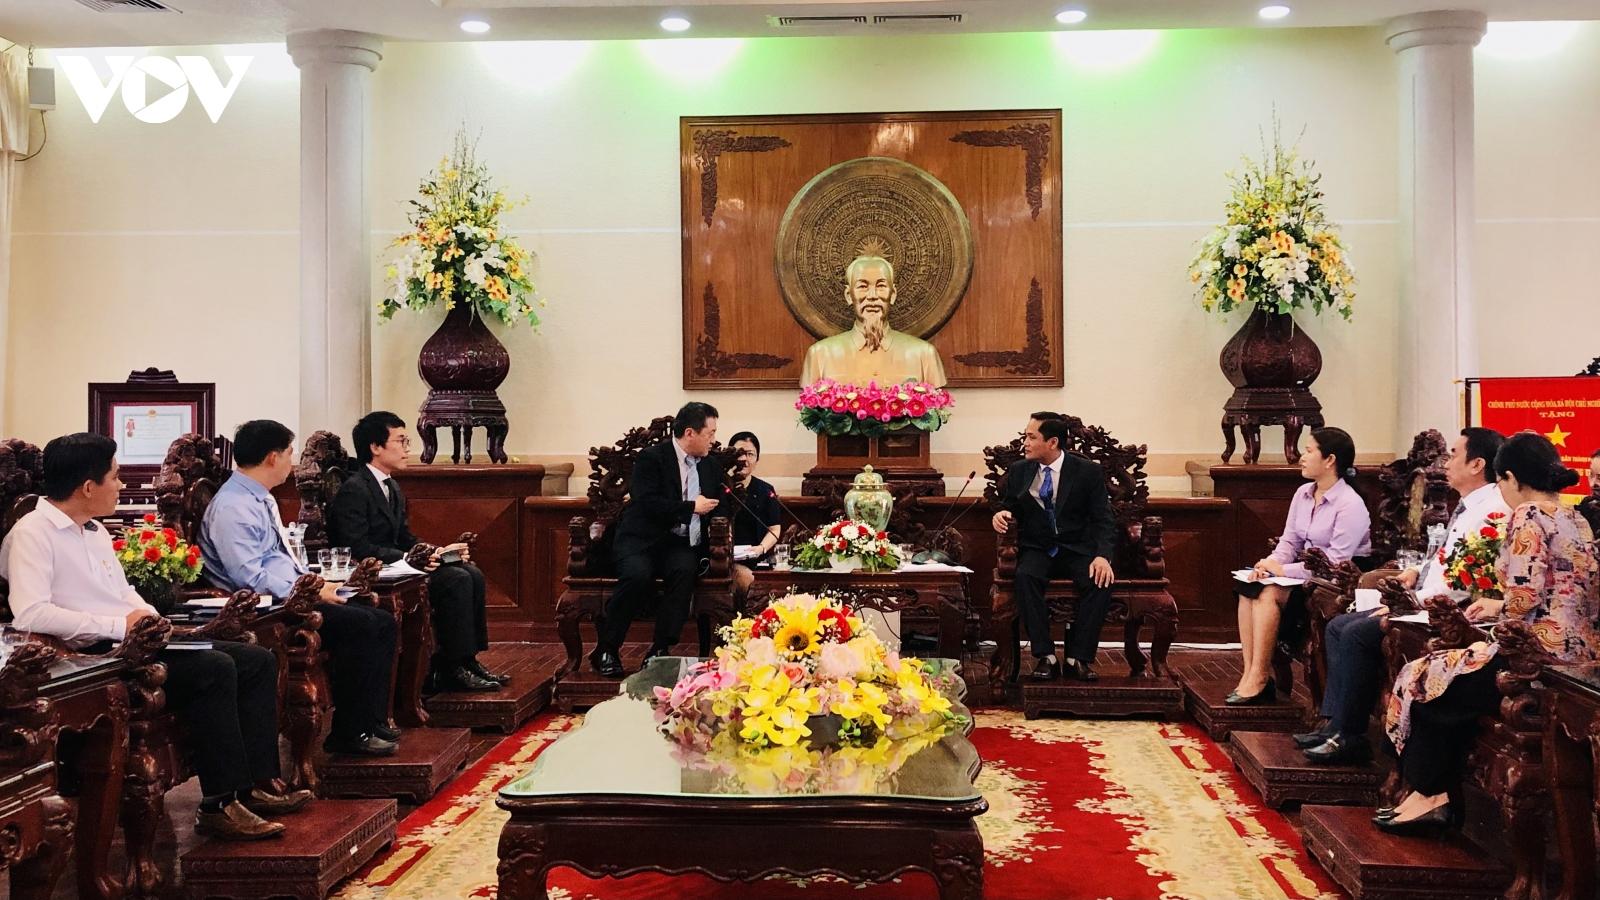 Cơ quan hợp tác quốc tế Nhật Bản xem Cần Thơ là đối tác quan trọng trên nhiều lĩnh vực